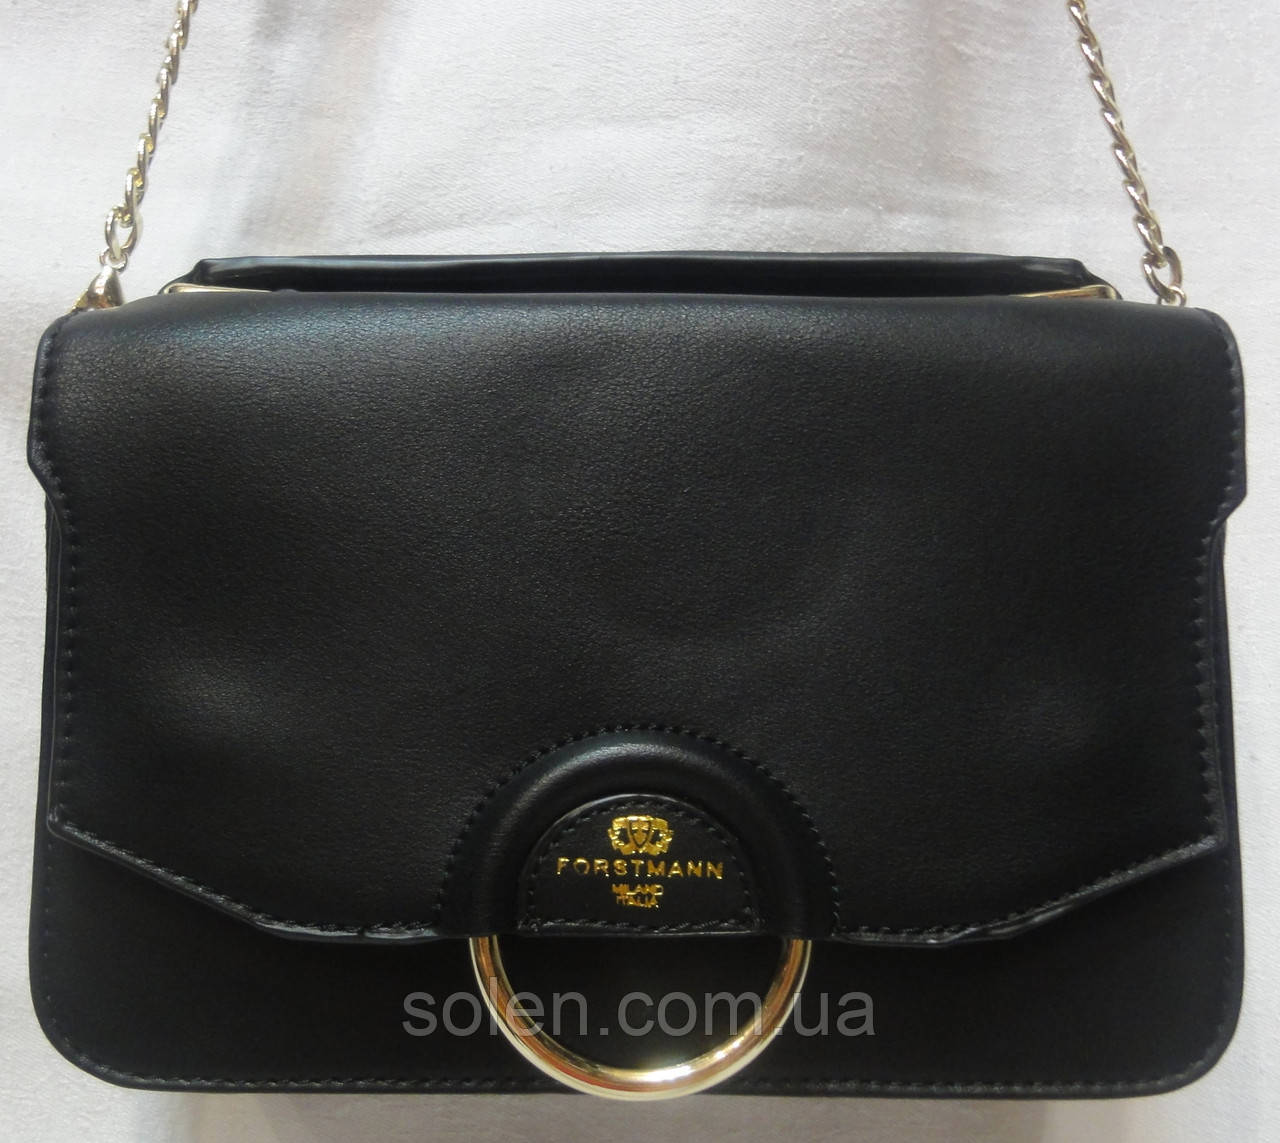 Маленькая женская сумка Forstmann